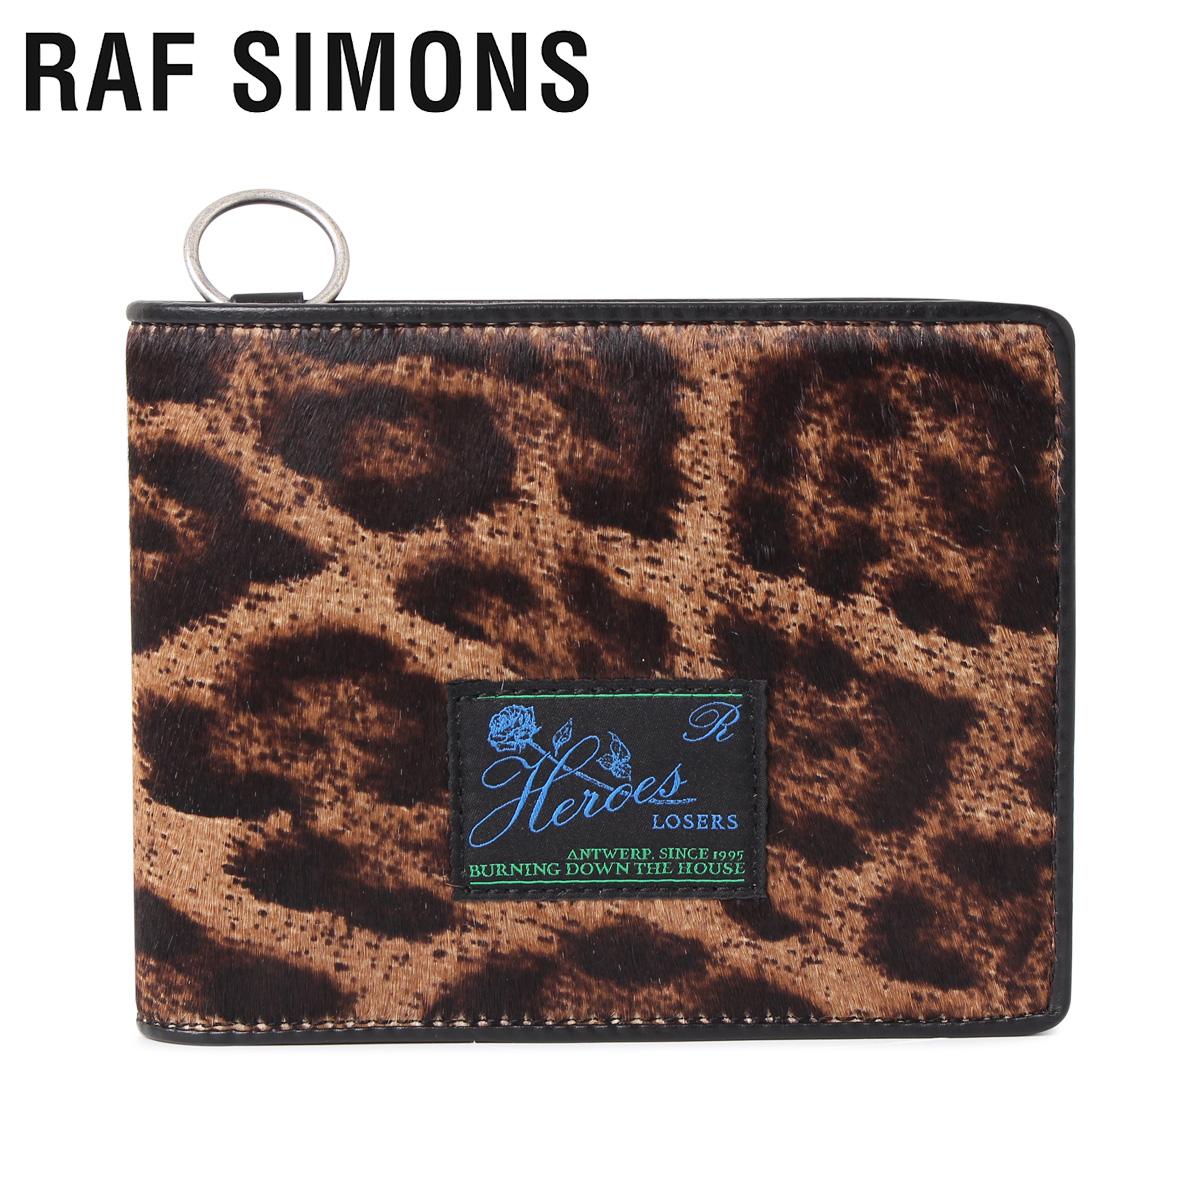 RAF SIMONS ラフシモンズ 財布 二つ折り メンズ WALLET WITH RING ブラウン 192-946